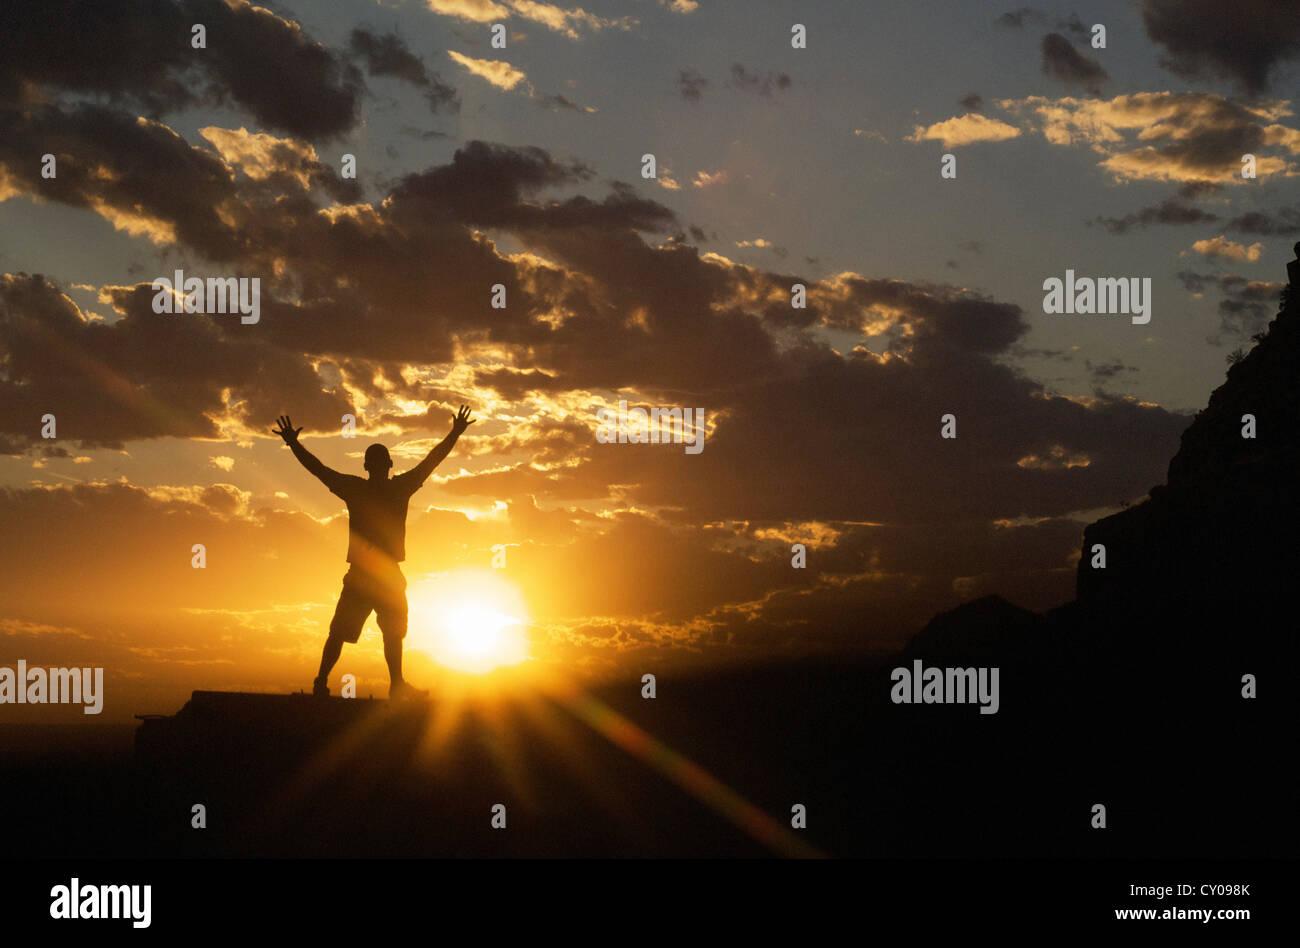 Männliche Figur mit Armen ausgestreckt stehend mit Sonnenuntergang im Hintergrund Stockbild